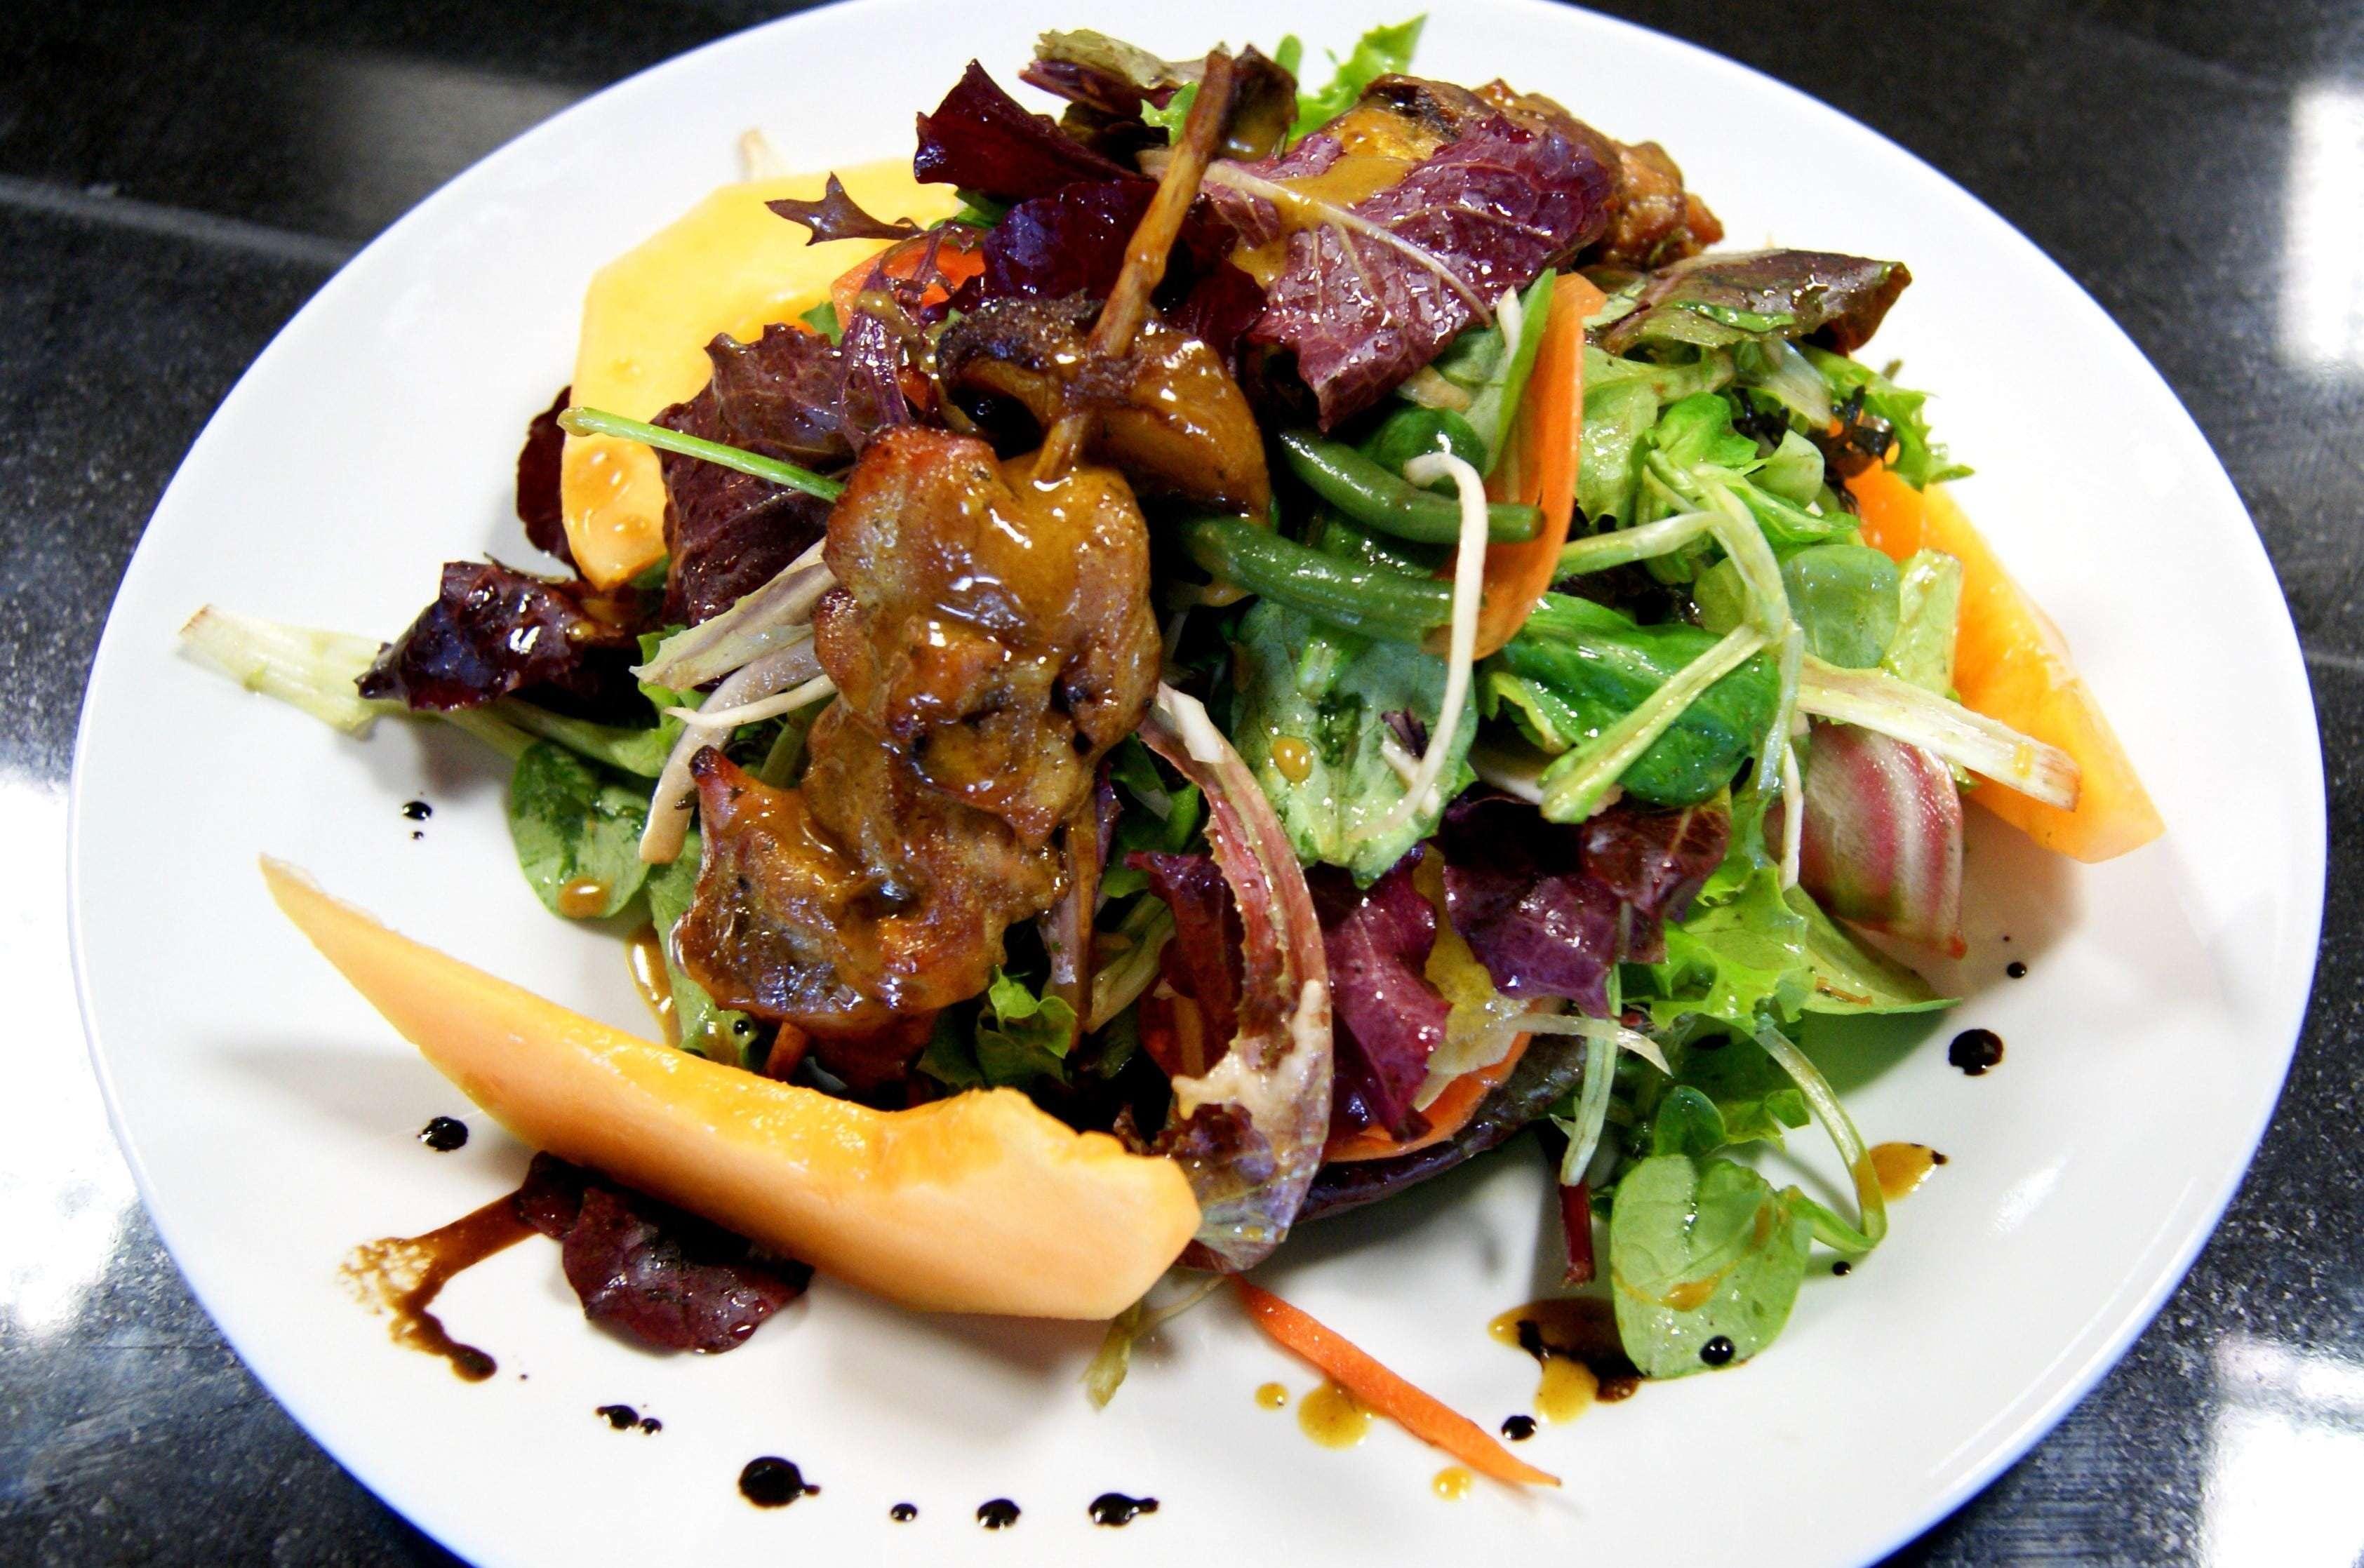 lecocon-restaurant.com/files/cocon-site/theme/gallery/home/gjnfzvkzzrhrv576a58166dda5e_dsc01867a-min